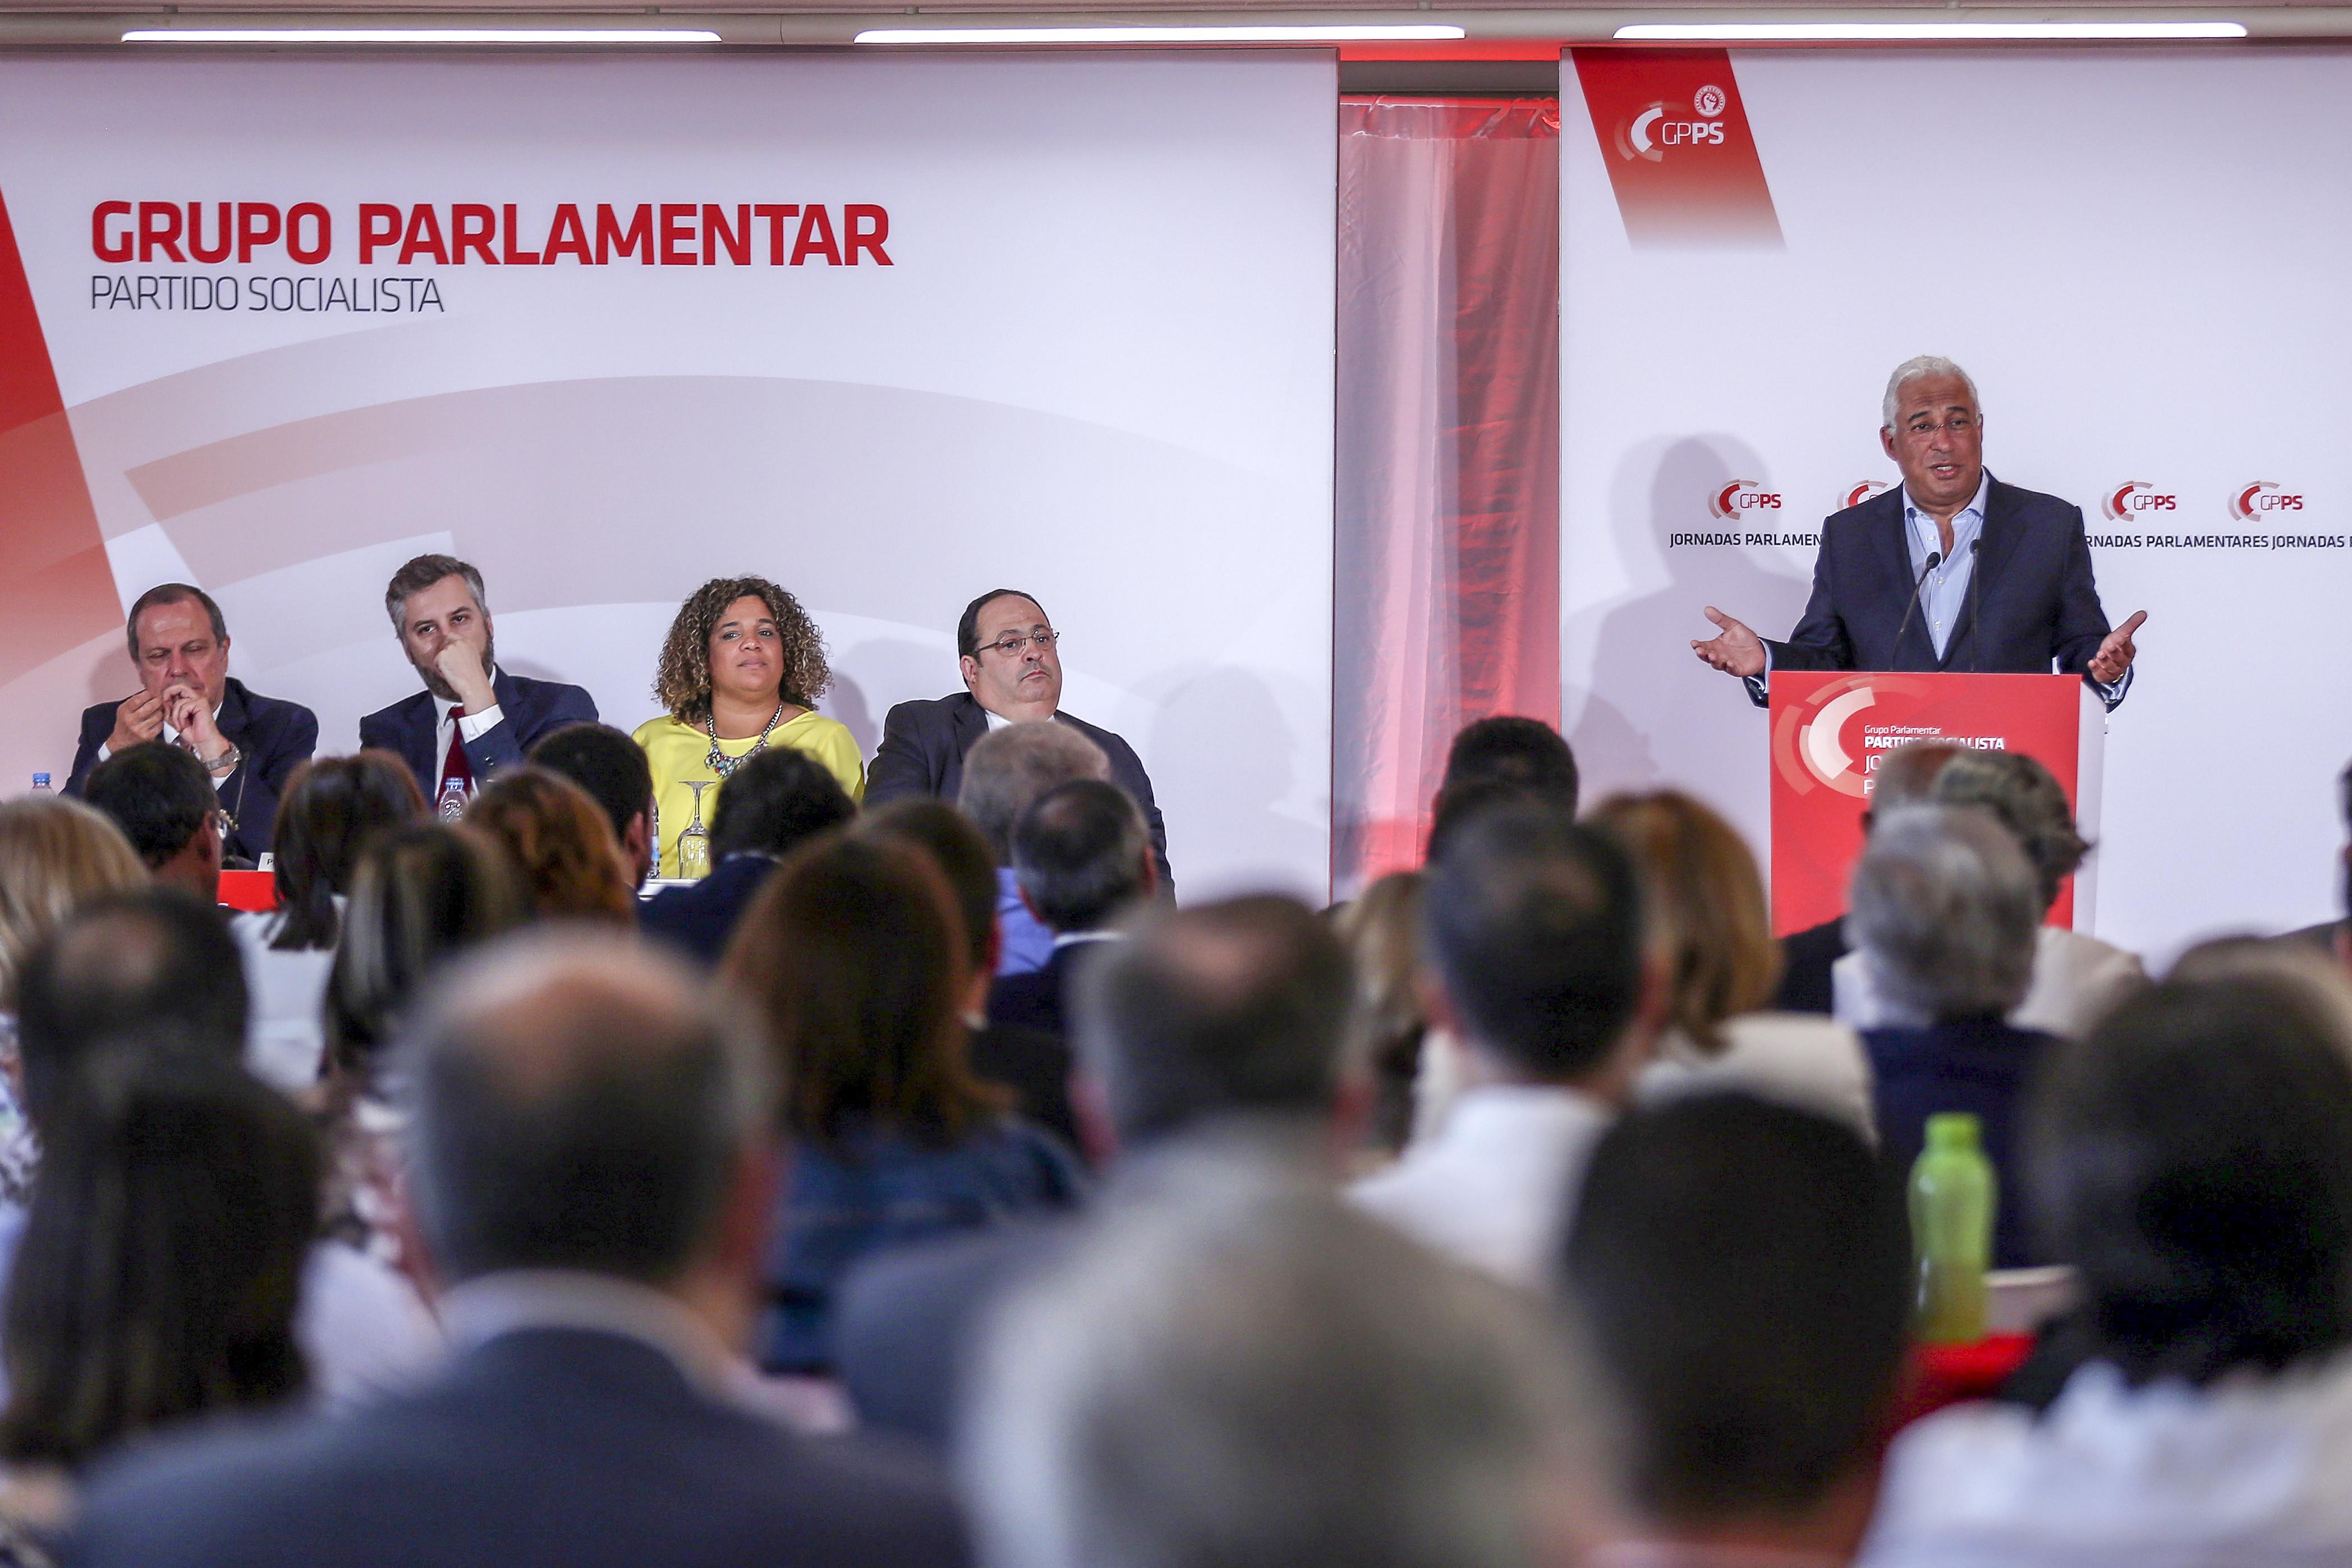 Deputados do PS em jornadas parlamentares debatem orçamentos do futuro